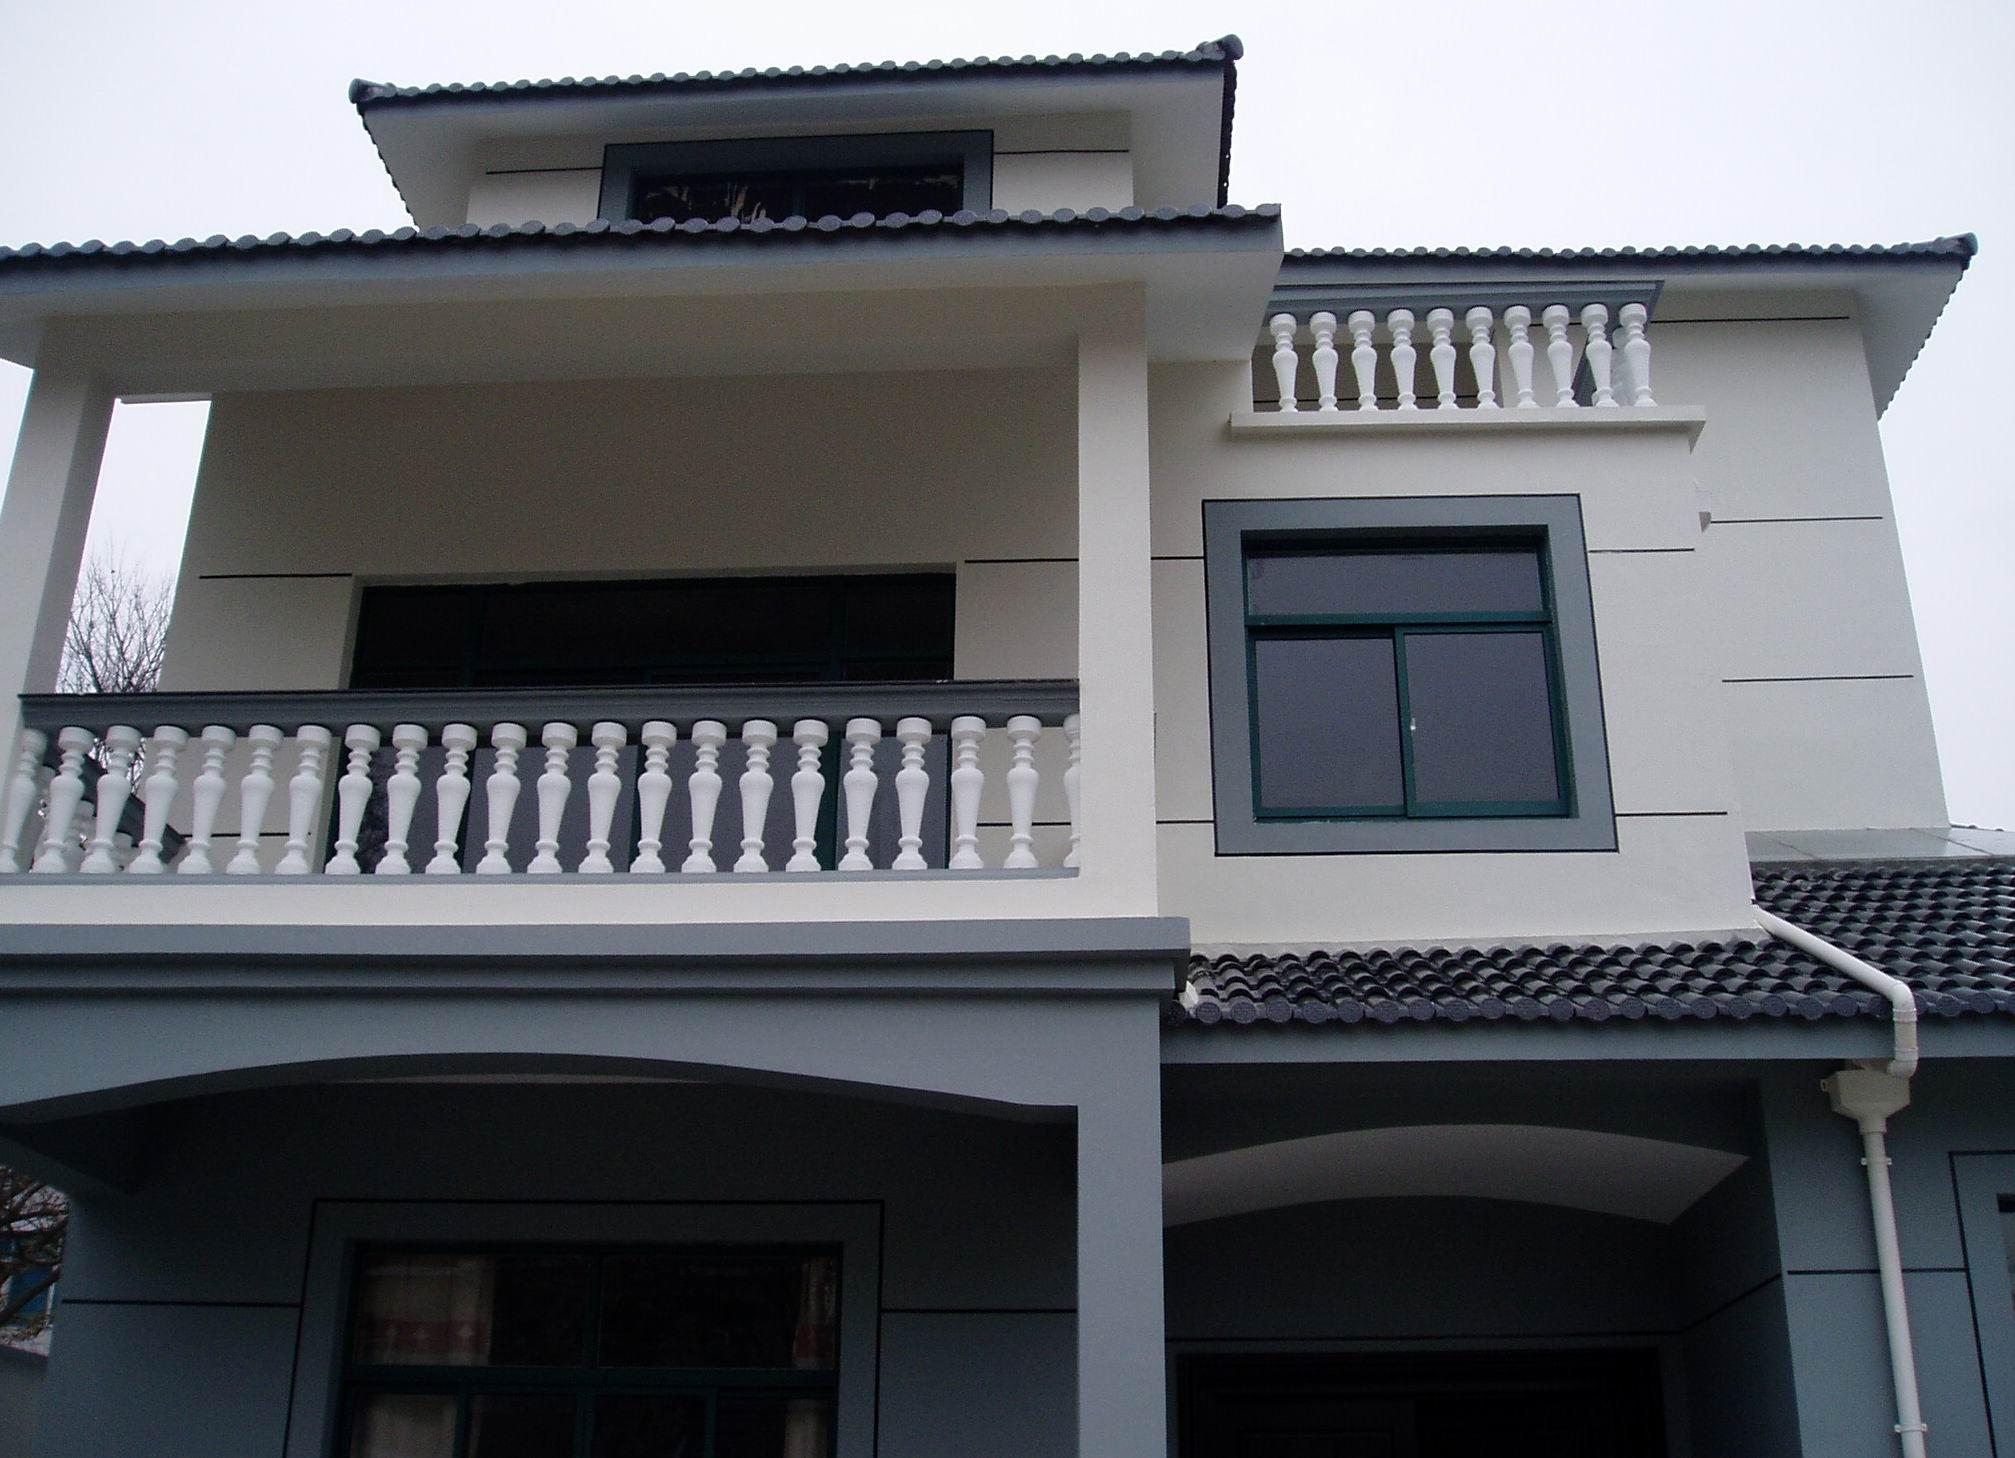 旅长的乡下房子 太湖帕堤欧 上海杰申 瓷砖青石板图片已高清图片